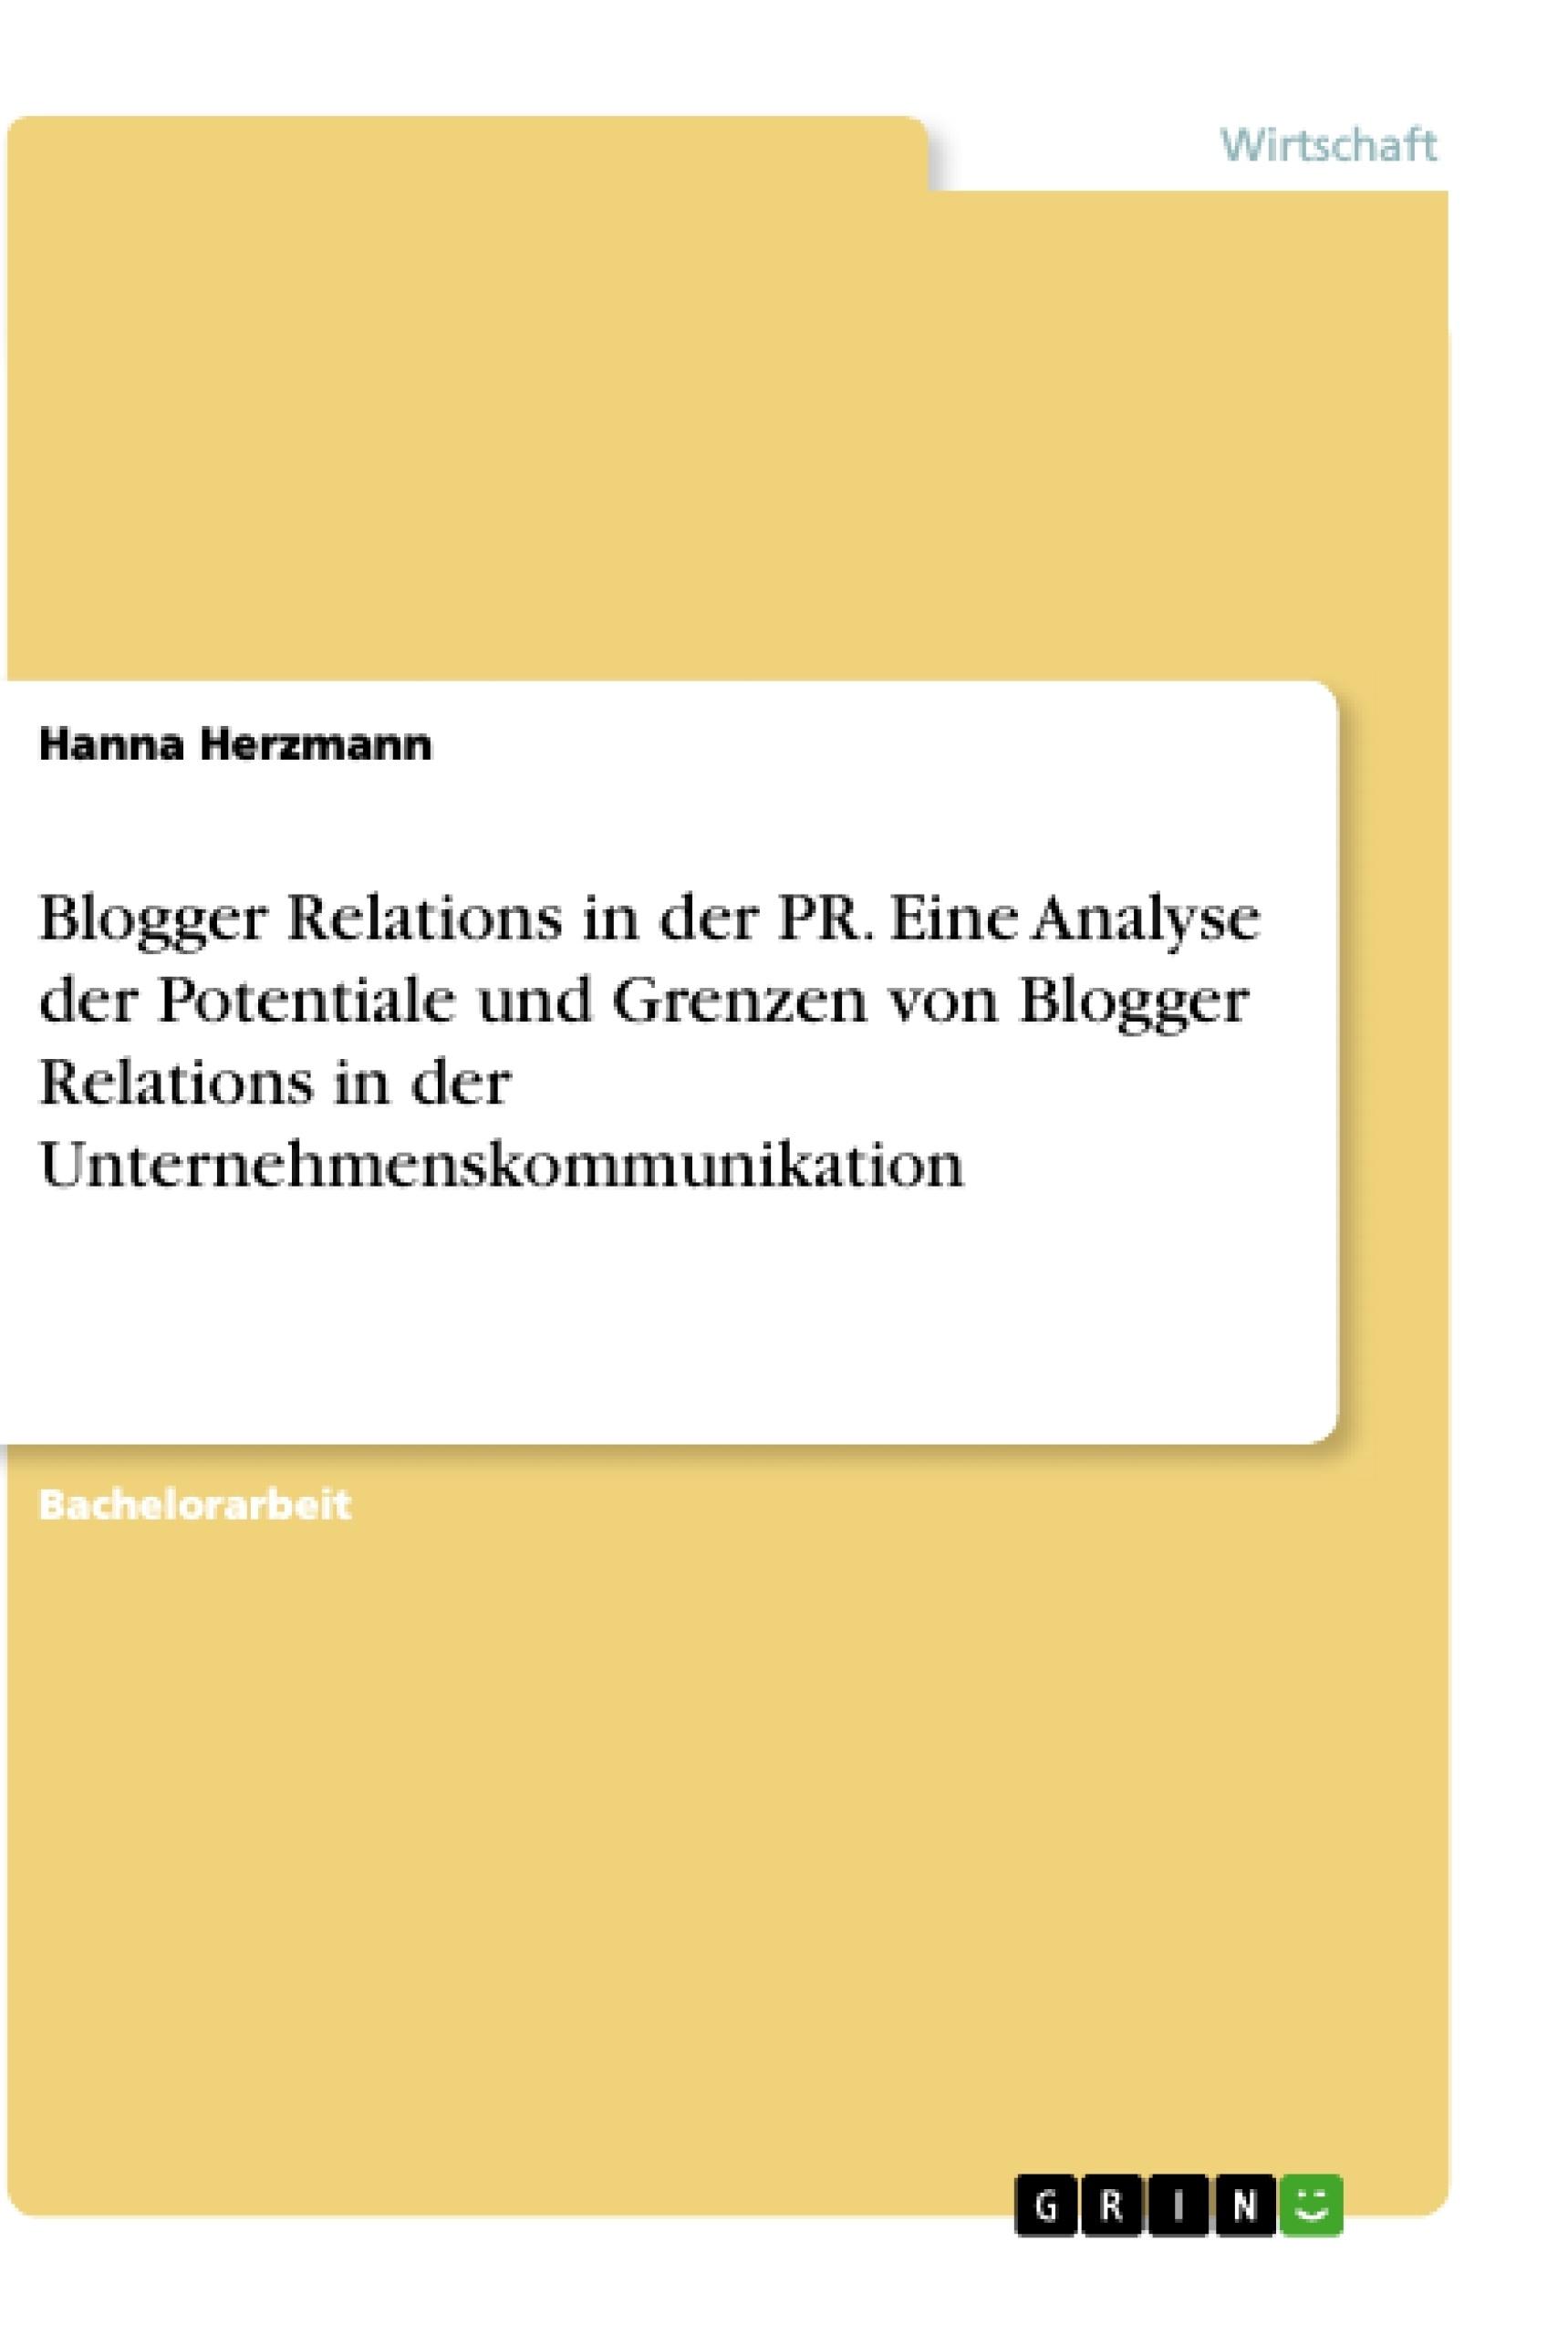 Titel: Blogger Relations in der PR. Eine Analyse der Potentiale und Grenzen von Blogger Relations in der Unternehmenskommunikation